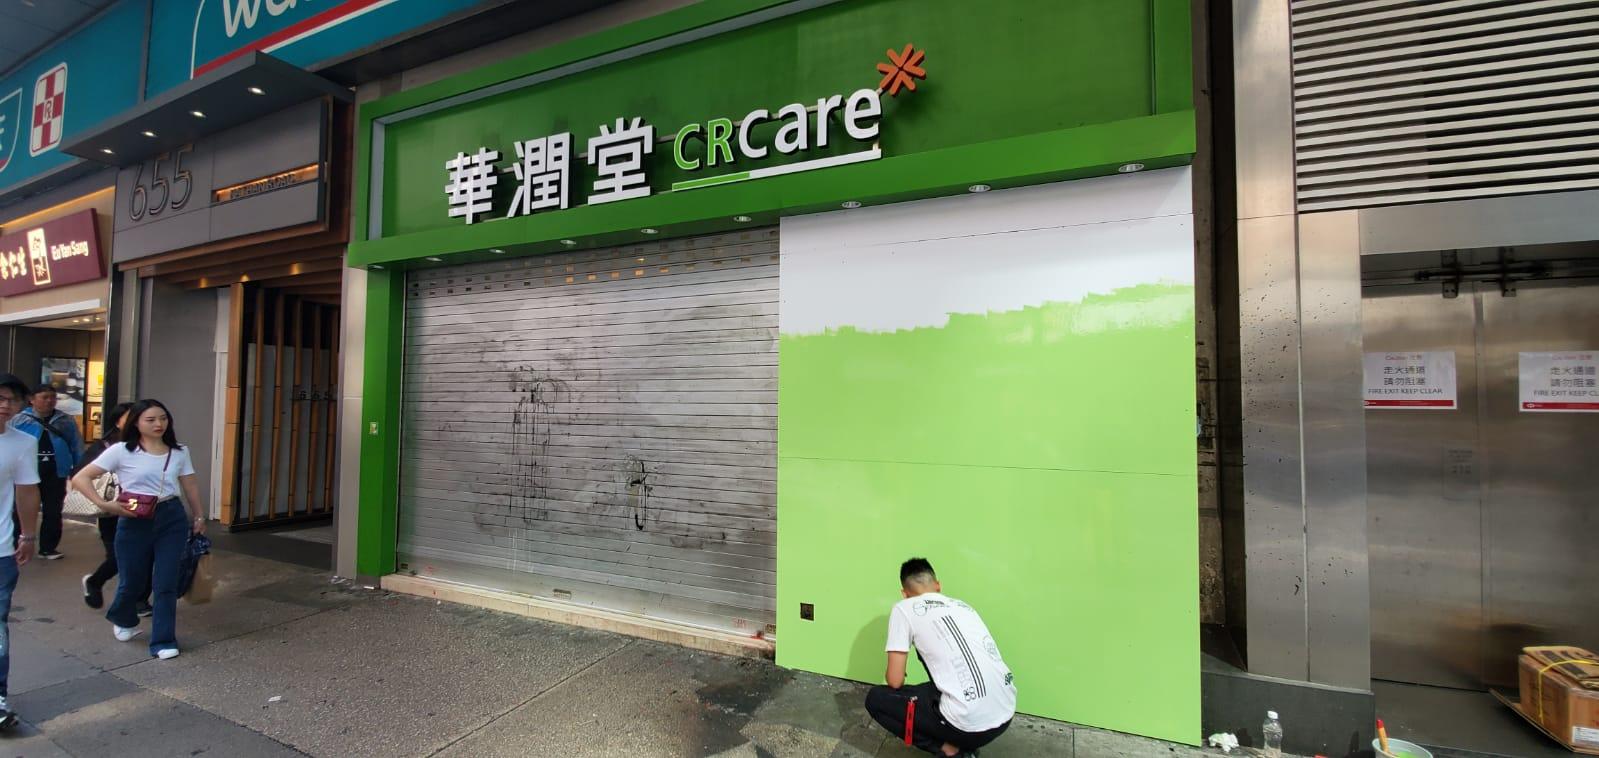 旺角彌敦道655地下華潤堂,鐵閘有塗鴉痕跡。